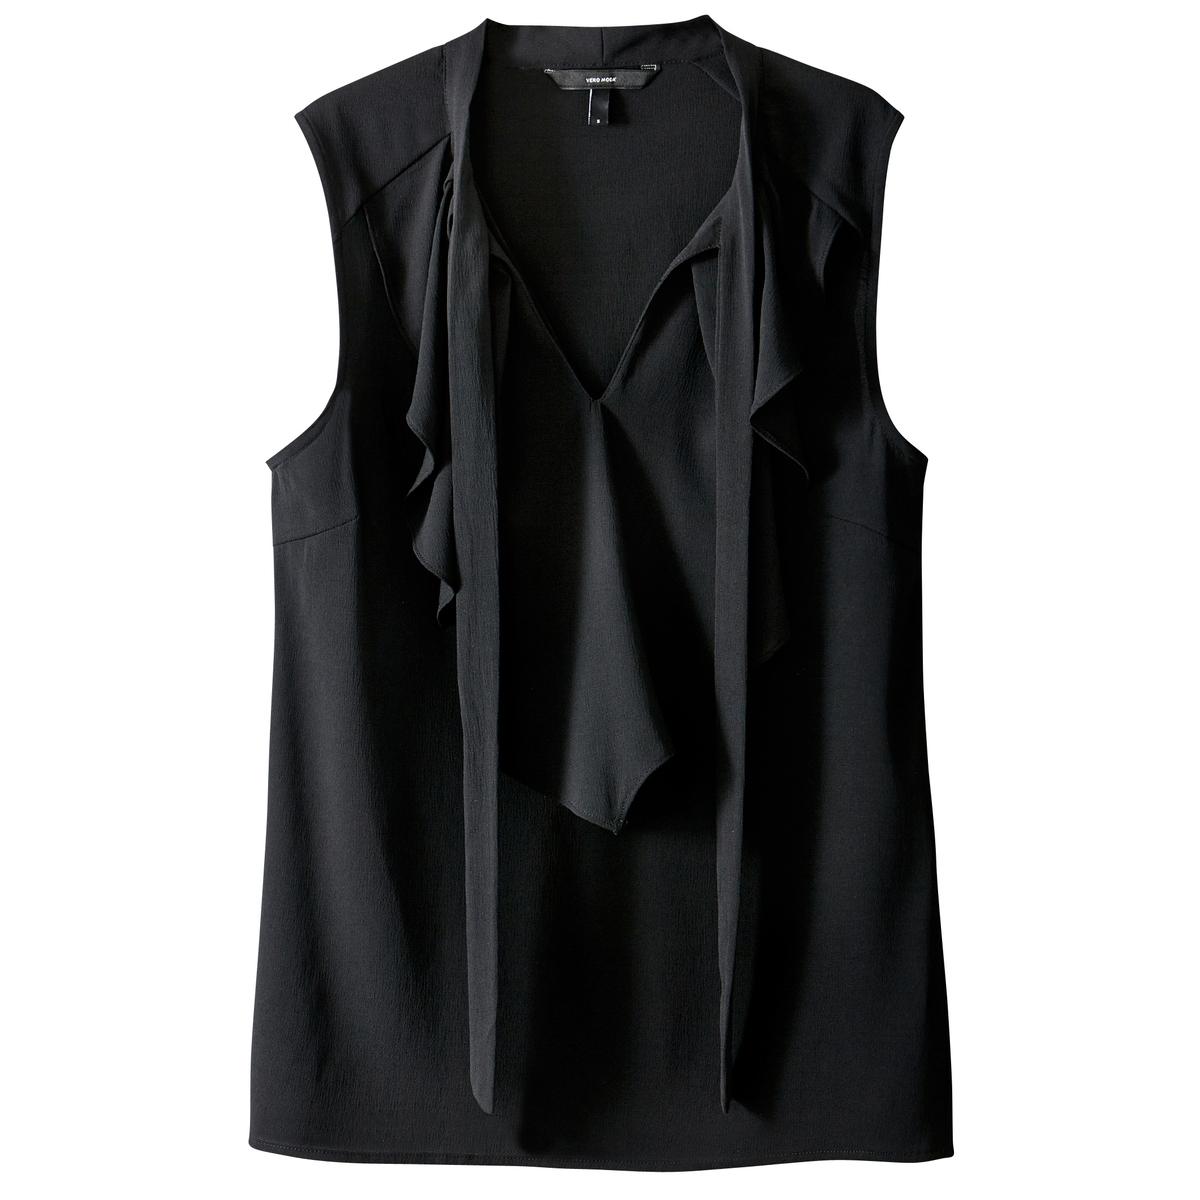 Блузка однотонная с галстуком-бантом без рукавовДетали •  Без рукавов •  Галстук-бантСостав и уход •  100% полиэстер •  Следуйте советам по уходу, указанным на этикетке<br><br>Цвет: синий индиго,черный<br>Размер: XS.S